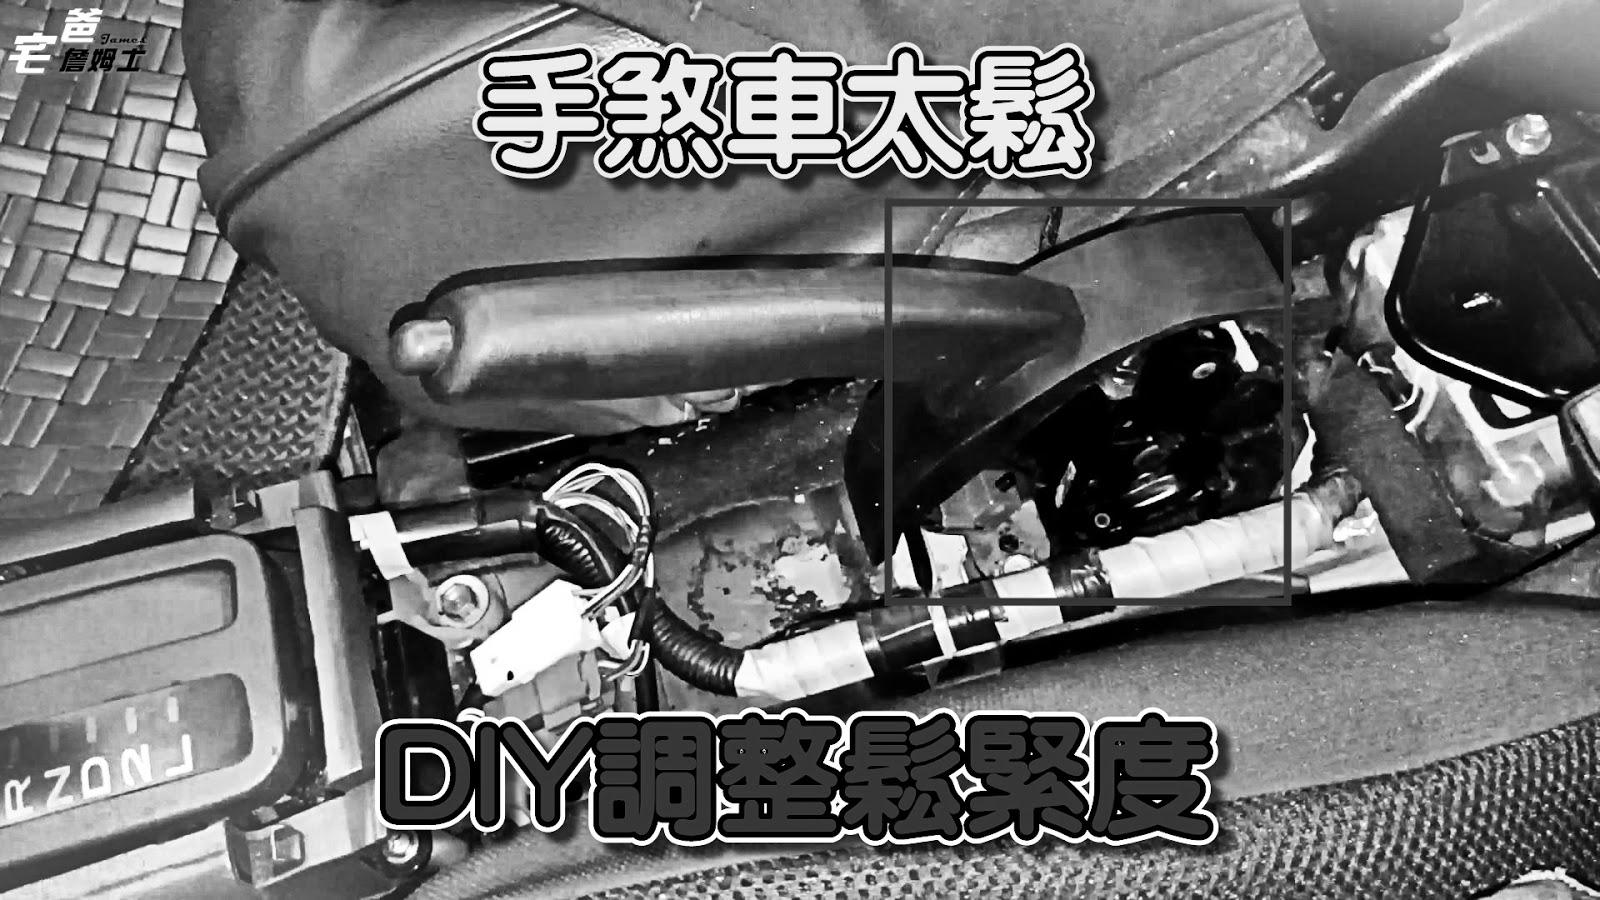 停斜坡會滑??!! DIY調整手煞車緊度!! How to Adjust Handbrake of Toyota Corolla?? Handbrake Adjustment [DIY]